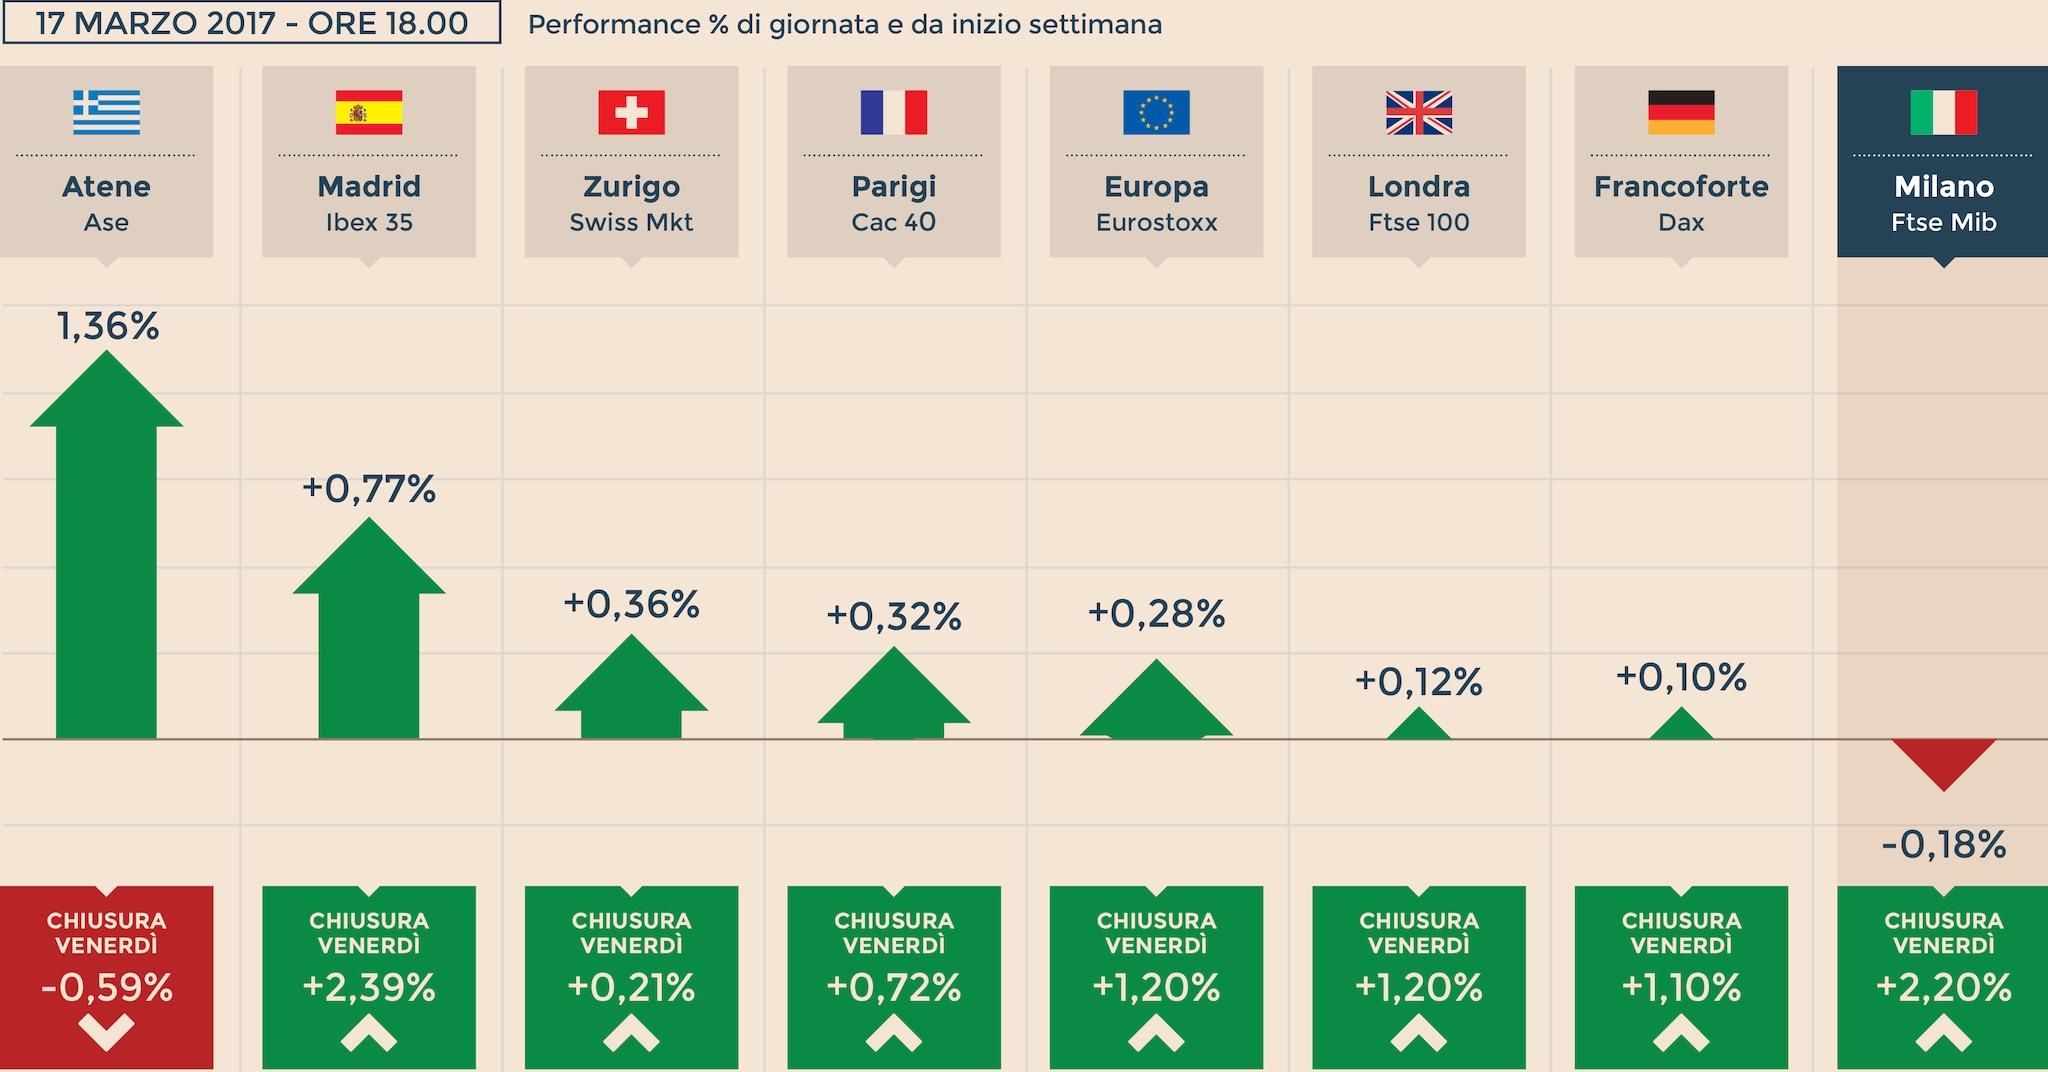 bf77f50f3a Borse europee tirano il fiato. Milano tiene quota 20mila, frena Leonardo